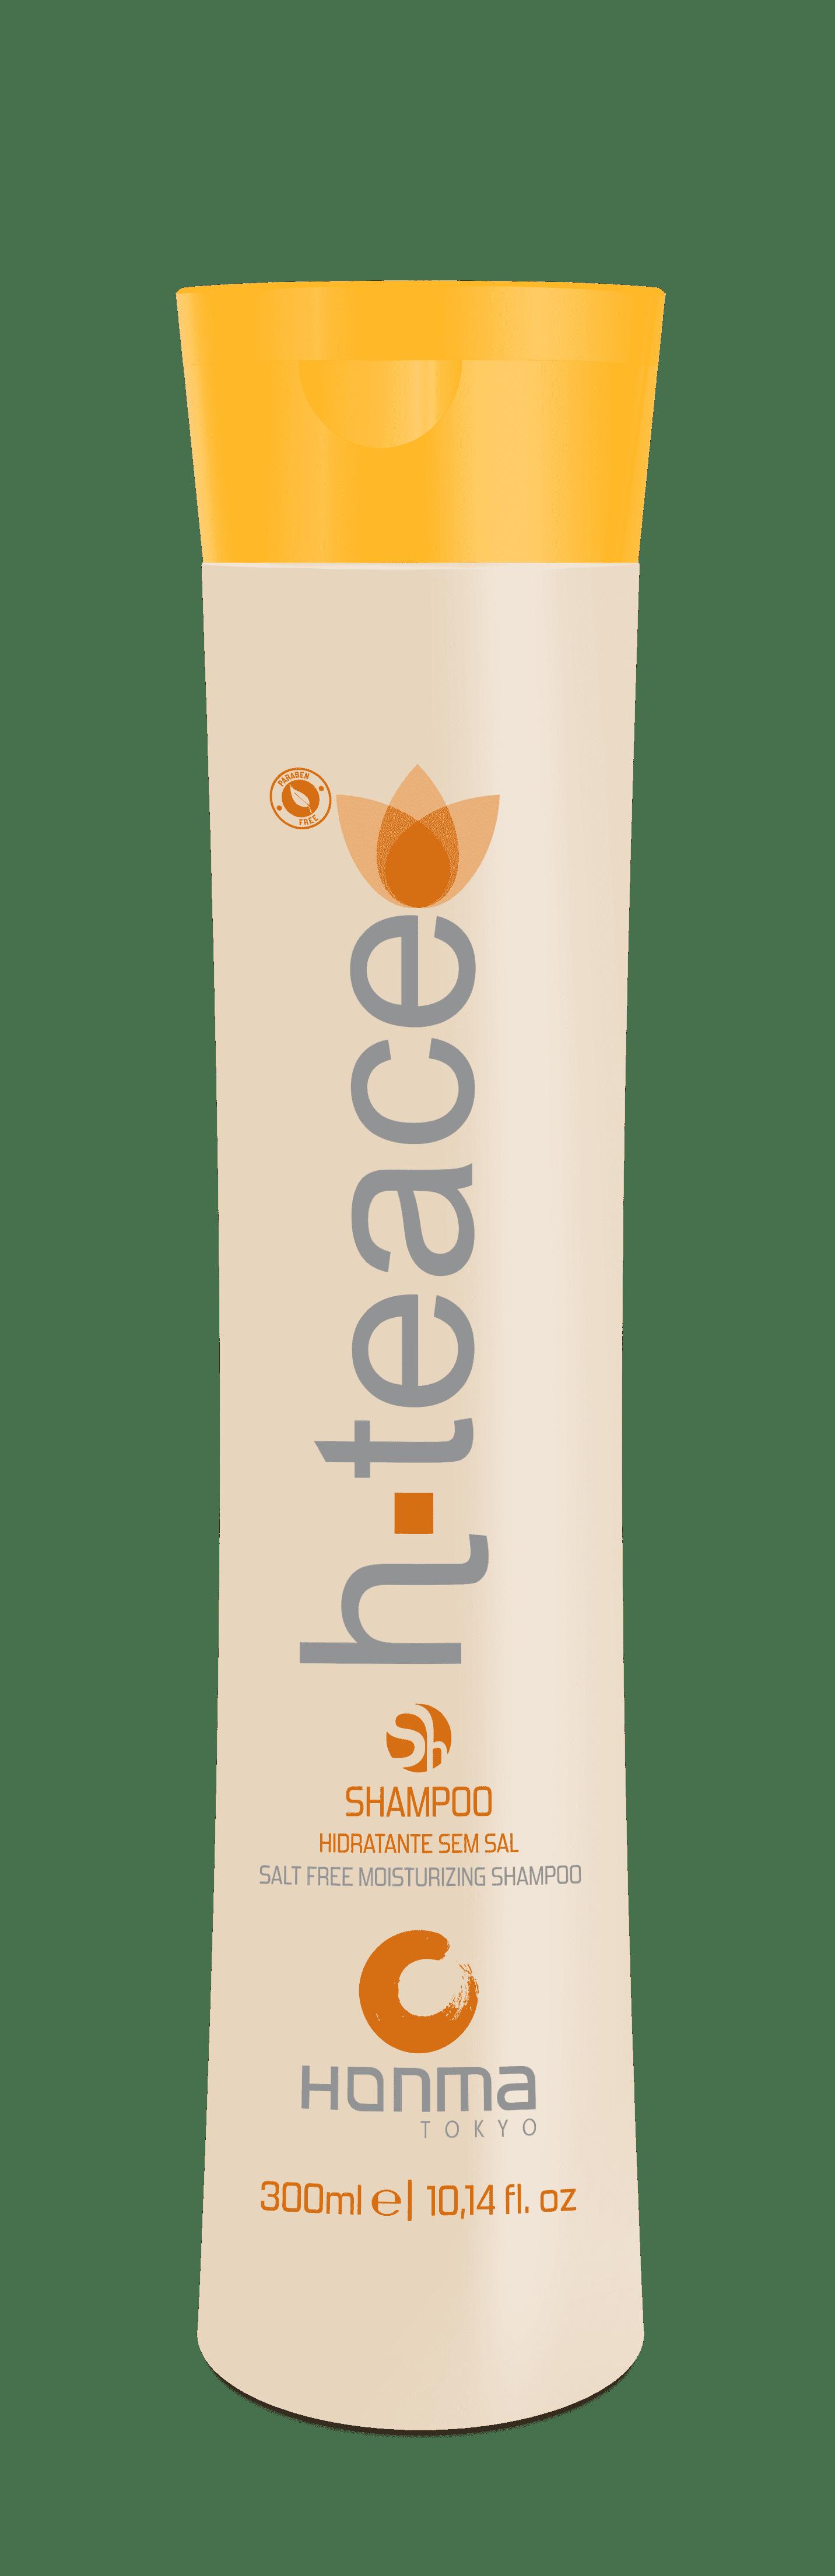 Honma Tokyo, H-Teace Бессолевой шампунь для окрашенных волос, 1000 мл honma tokyo шампунь глубокой очистки линии n solutions 1000 мл